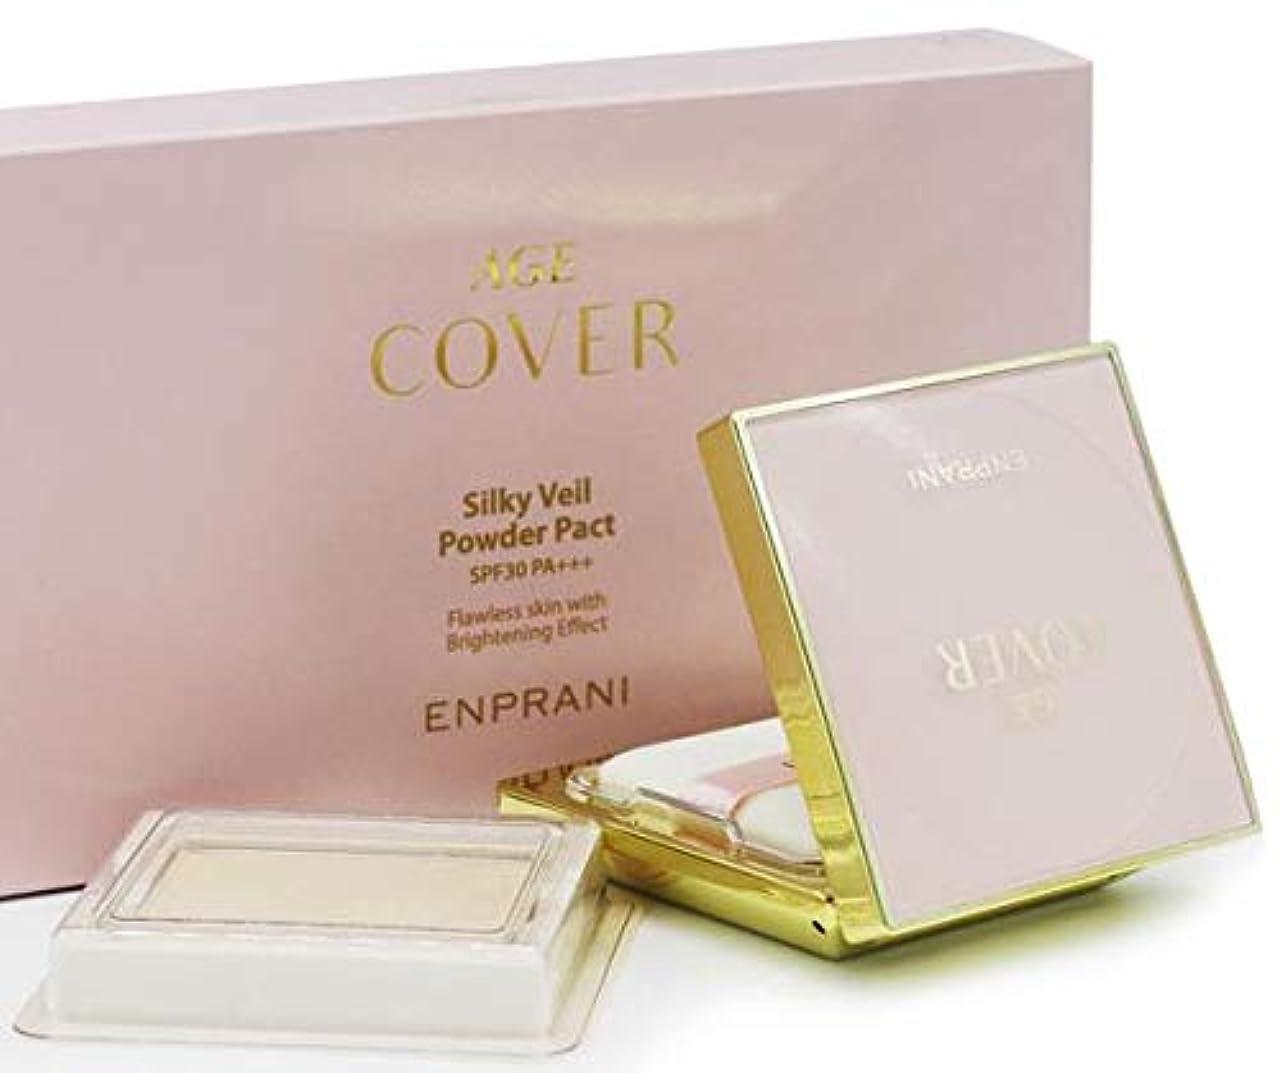 エンプラニ エイジカバーシルキーベールパウダーパクトSPF30 PA +++ (本品+リフィル) / ENPRANI Age Cover Silky Veil Powder Pact SPF30 PA+++(11g*2ea...